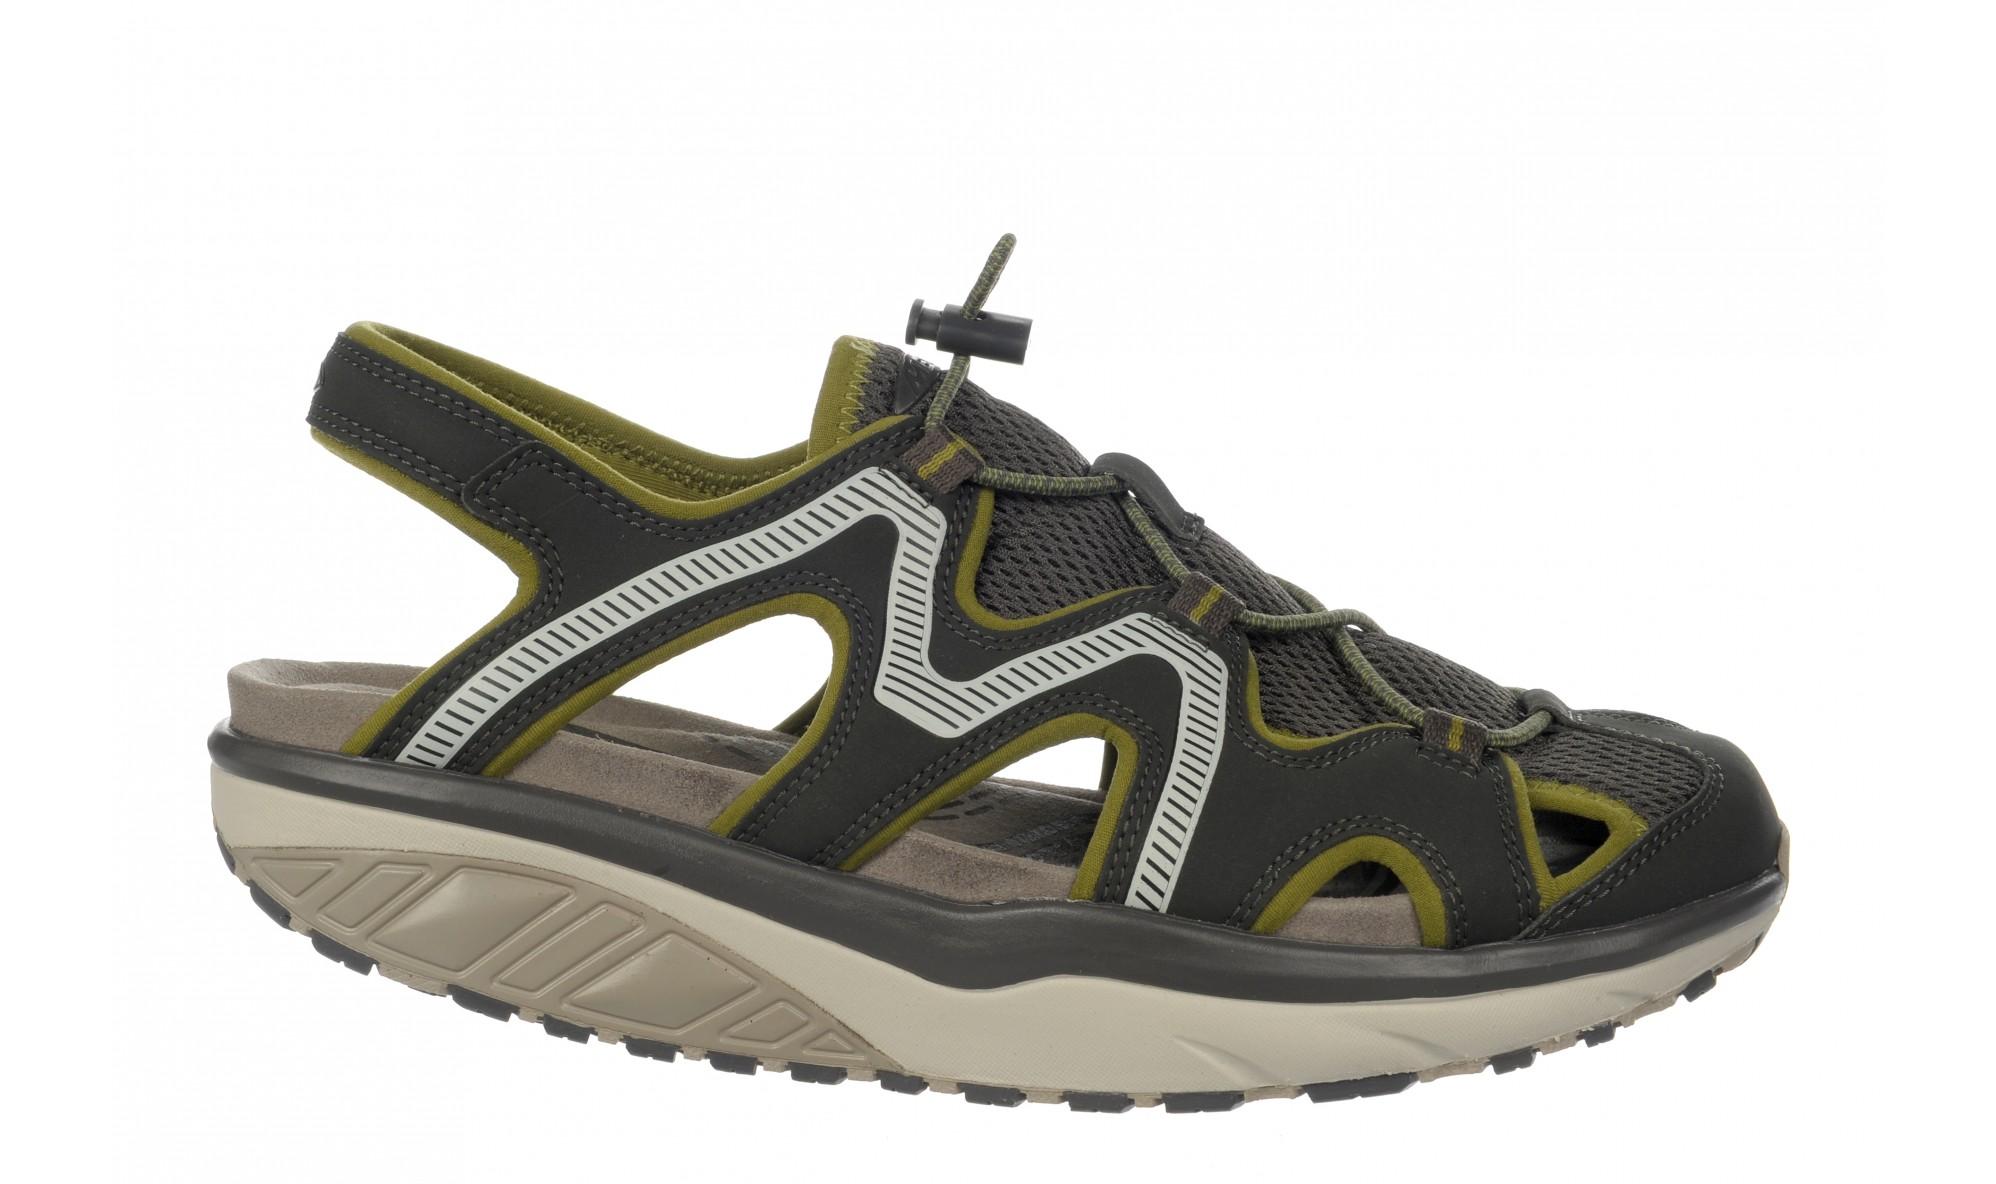 MBT Men's Jefar 6 Trail Sandal Pavement Gray / Olive / Birch Gray